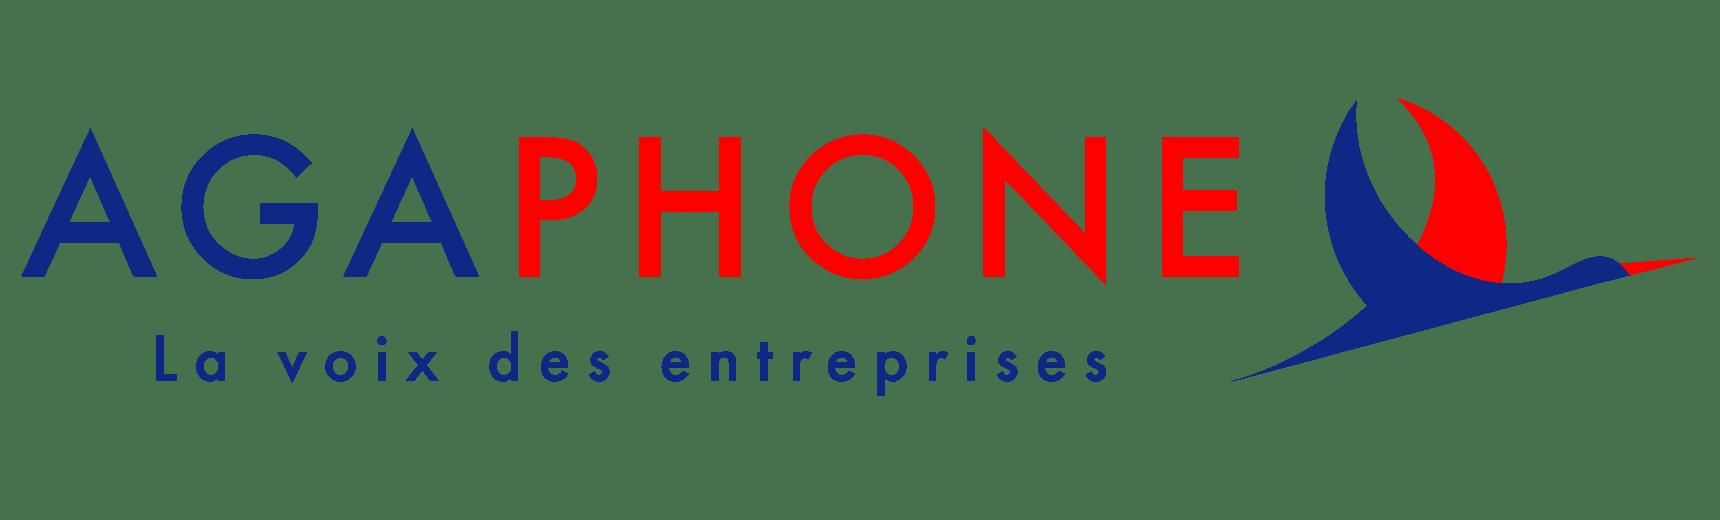 Agaphone, pionnier de l'accueil téléphonique en france